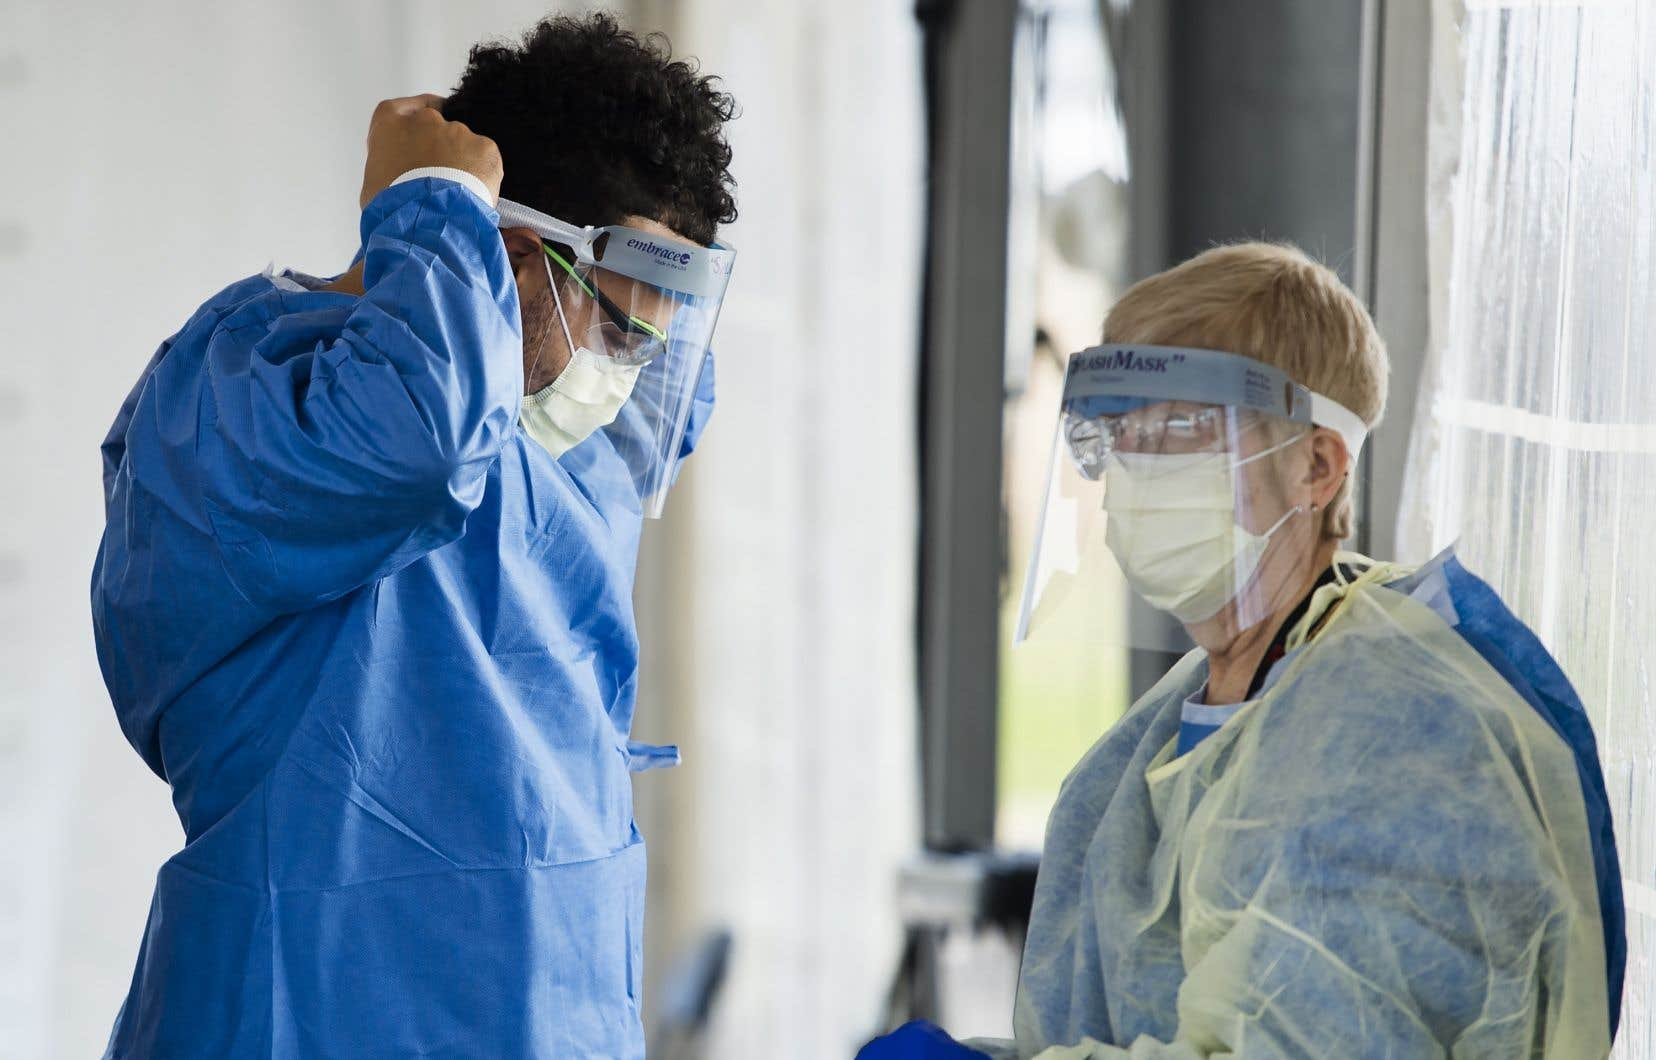 «Au milieu de cette pandémie, de nombreux organismes gouvernementaux et professionnels dans des endroits ravagés par le coronavirus réévaluent la contribution des immigrants et des réfugiés qui possèdent une formation en soins de santé», disent les auteurs.